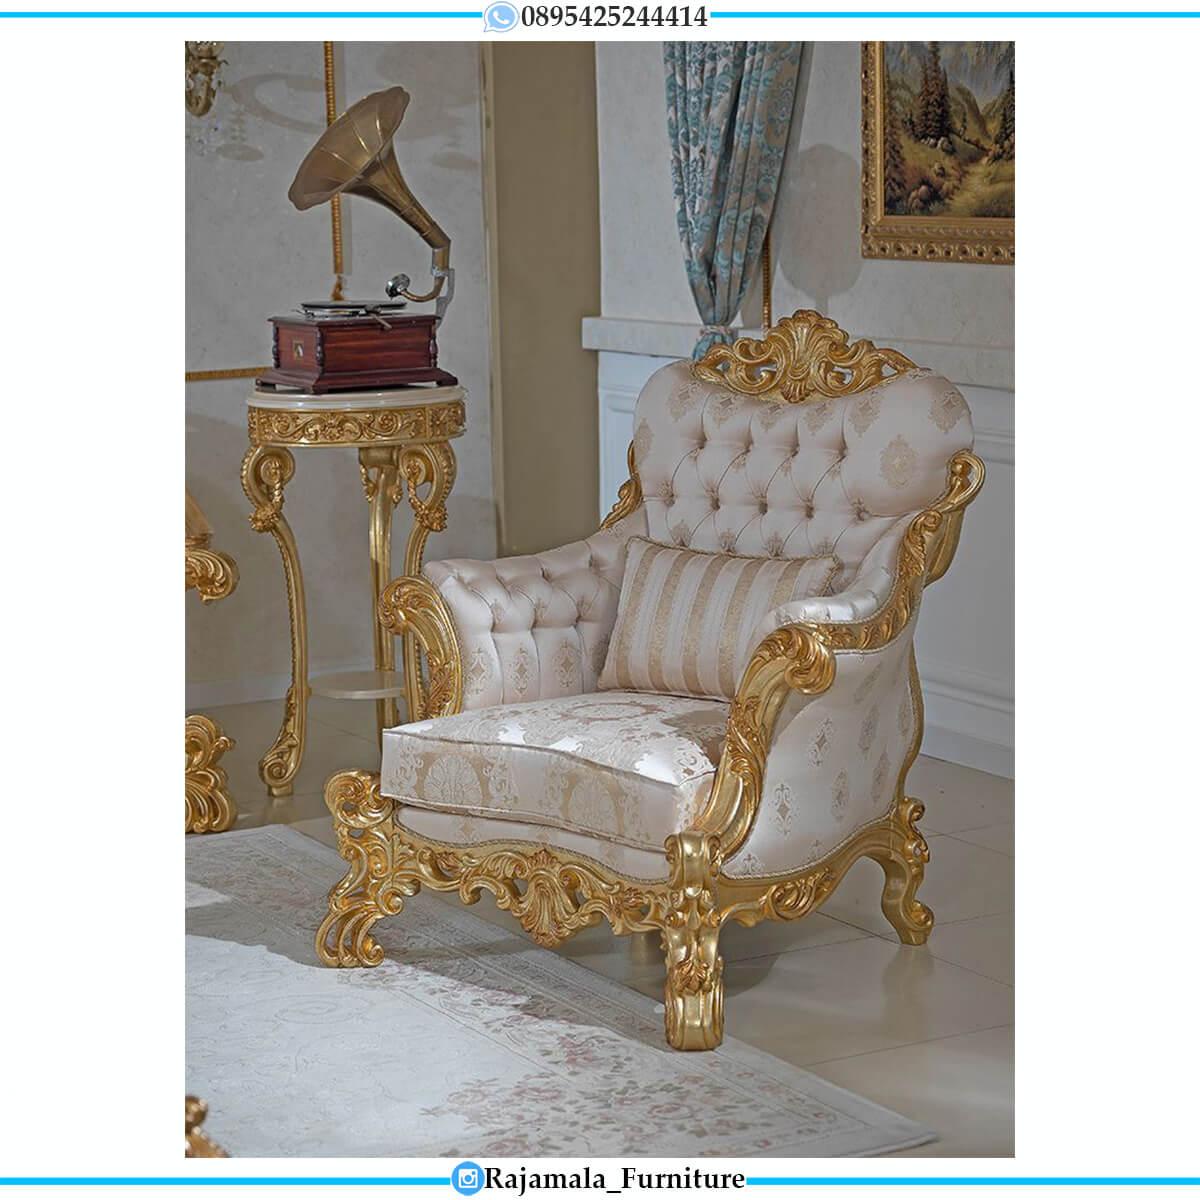 Sofa Tamu Mewah Ukiran Jepara Luxury Golden Duco Color RM-0752